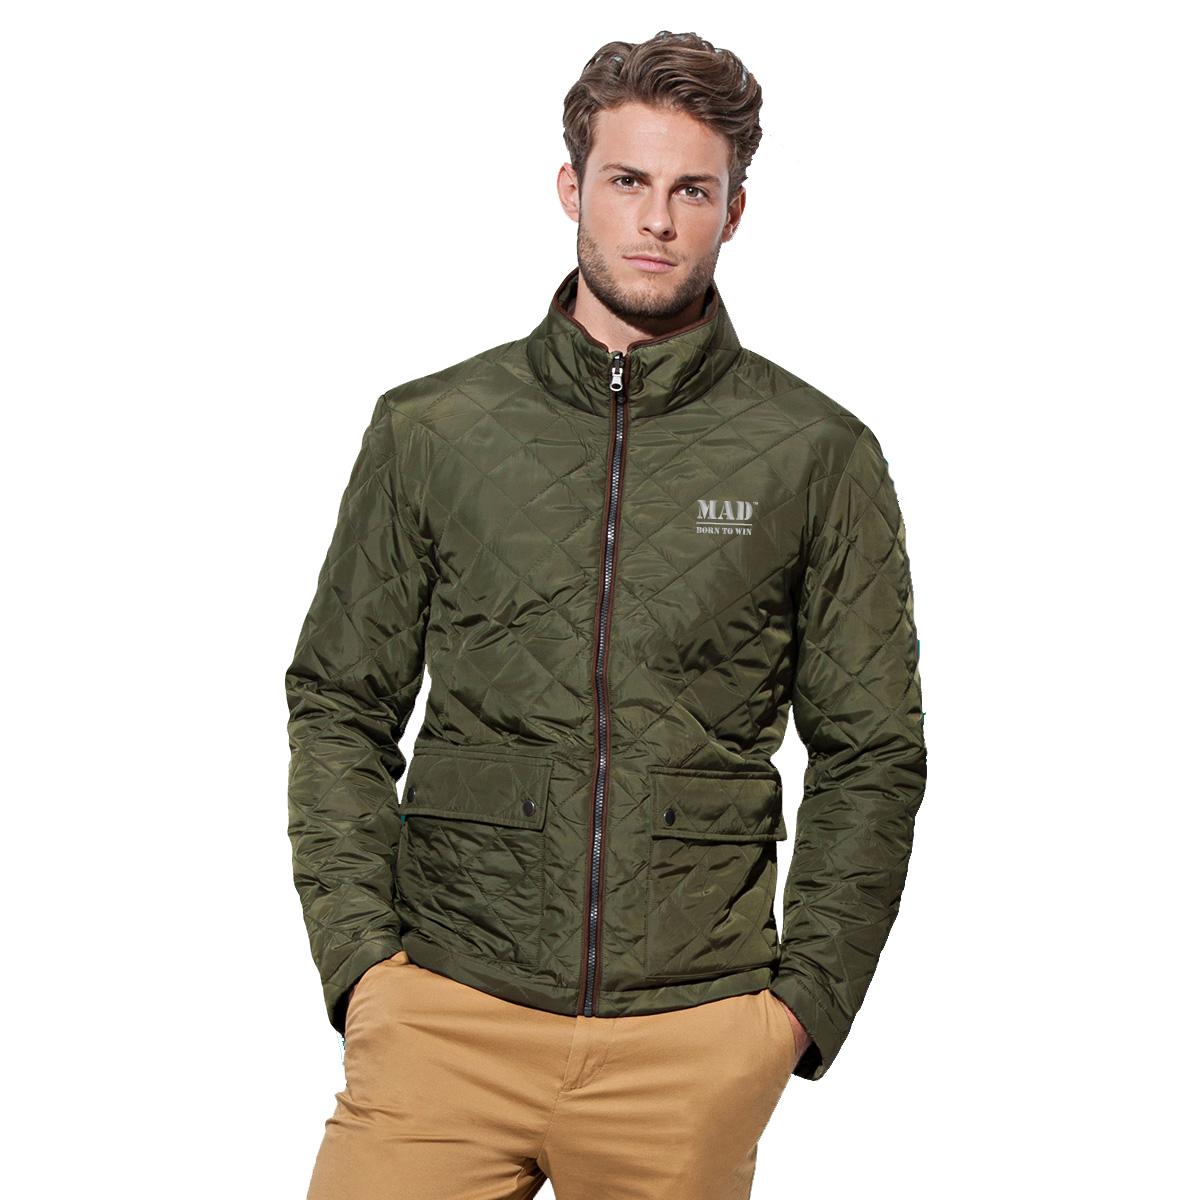 весенние куртки, весенние куртки мужские, осенне весенние куртки, куртка осенняя мужская брендовая, осенние весенние куртки мужские,